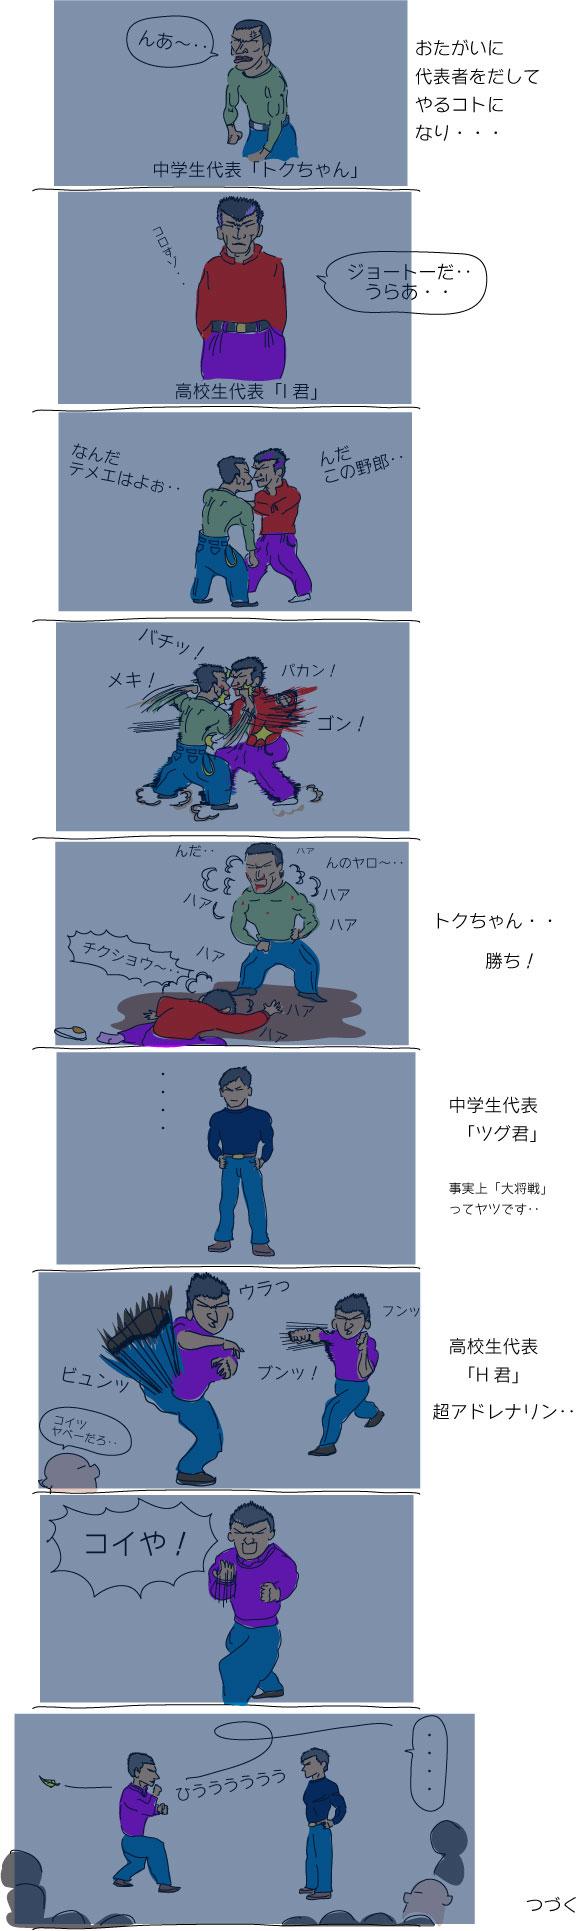 ケンジアニキ3